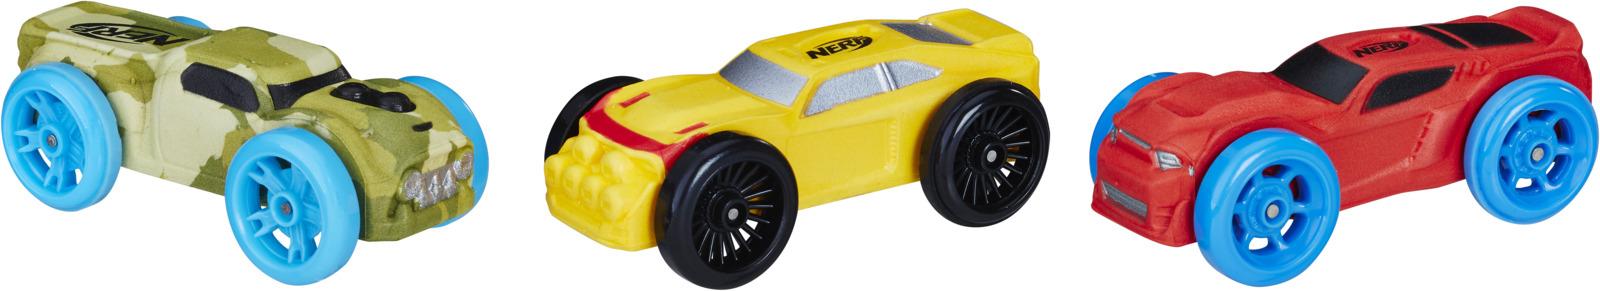 """Машинка Nerf """"Nitro"""", 3 шт. C0774EU41_Е1235"""